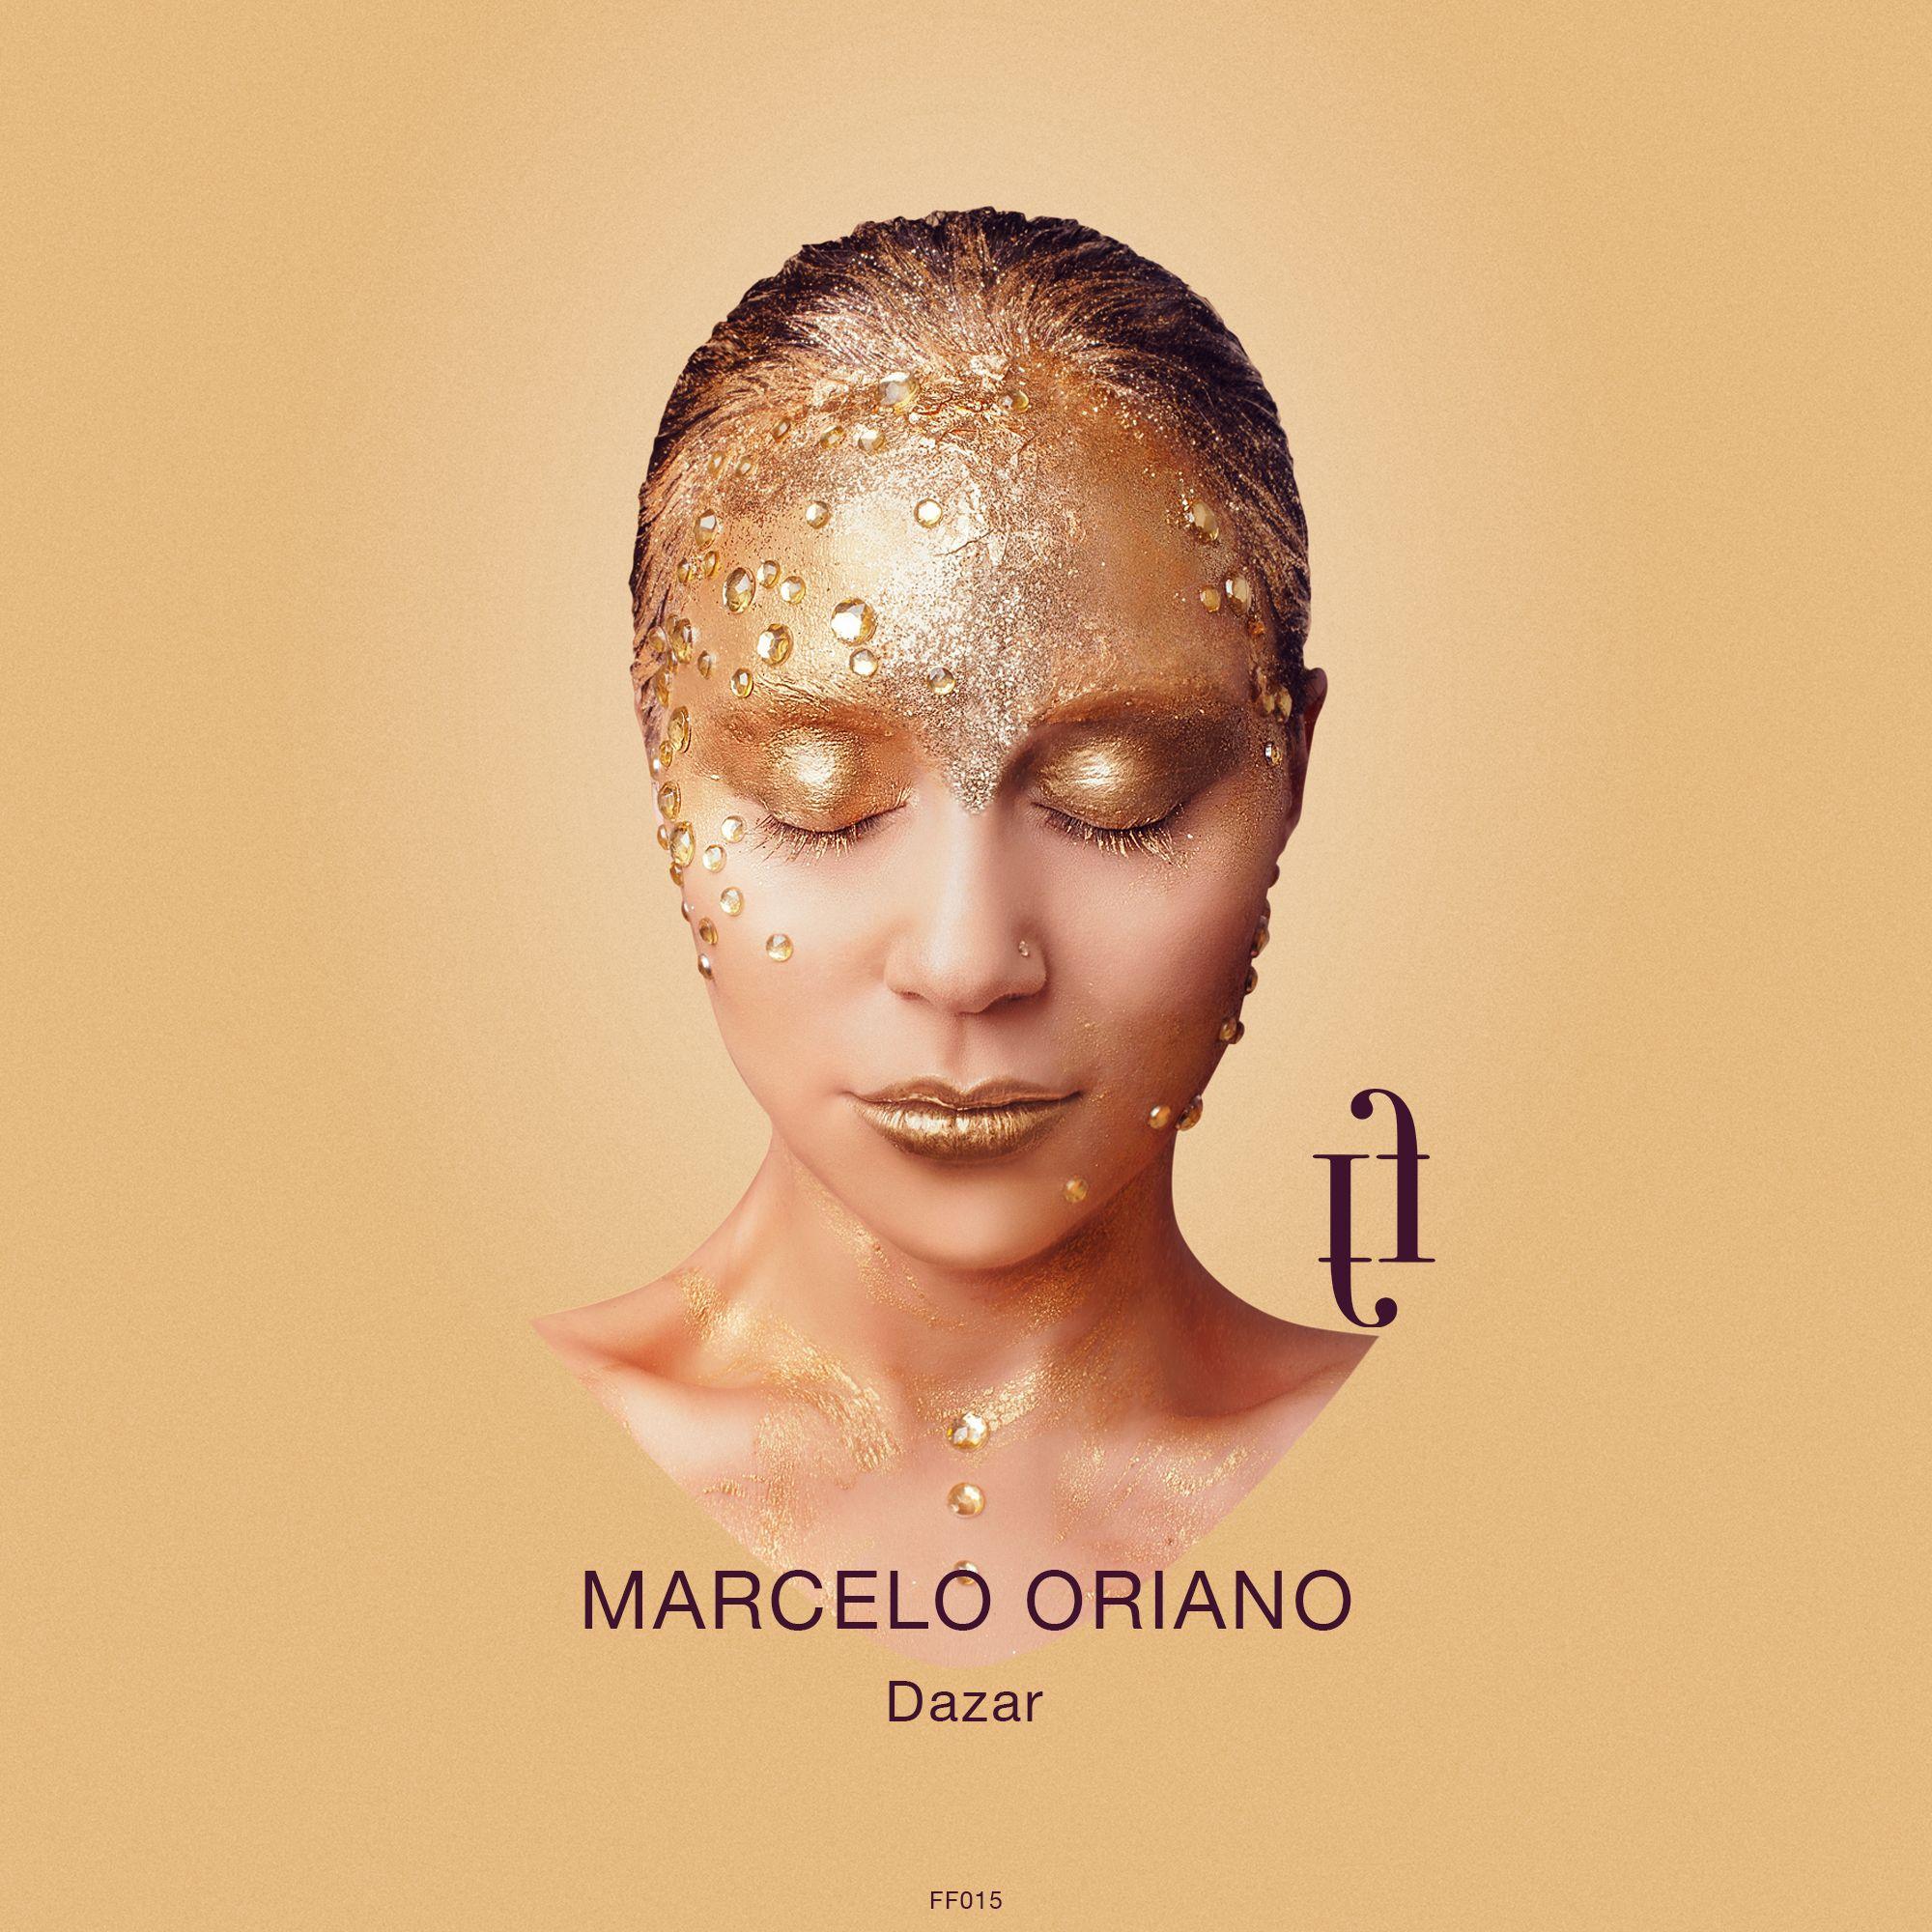 ff015_marcelo_oriano_-_dazar_ep_cover_art.jpg